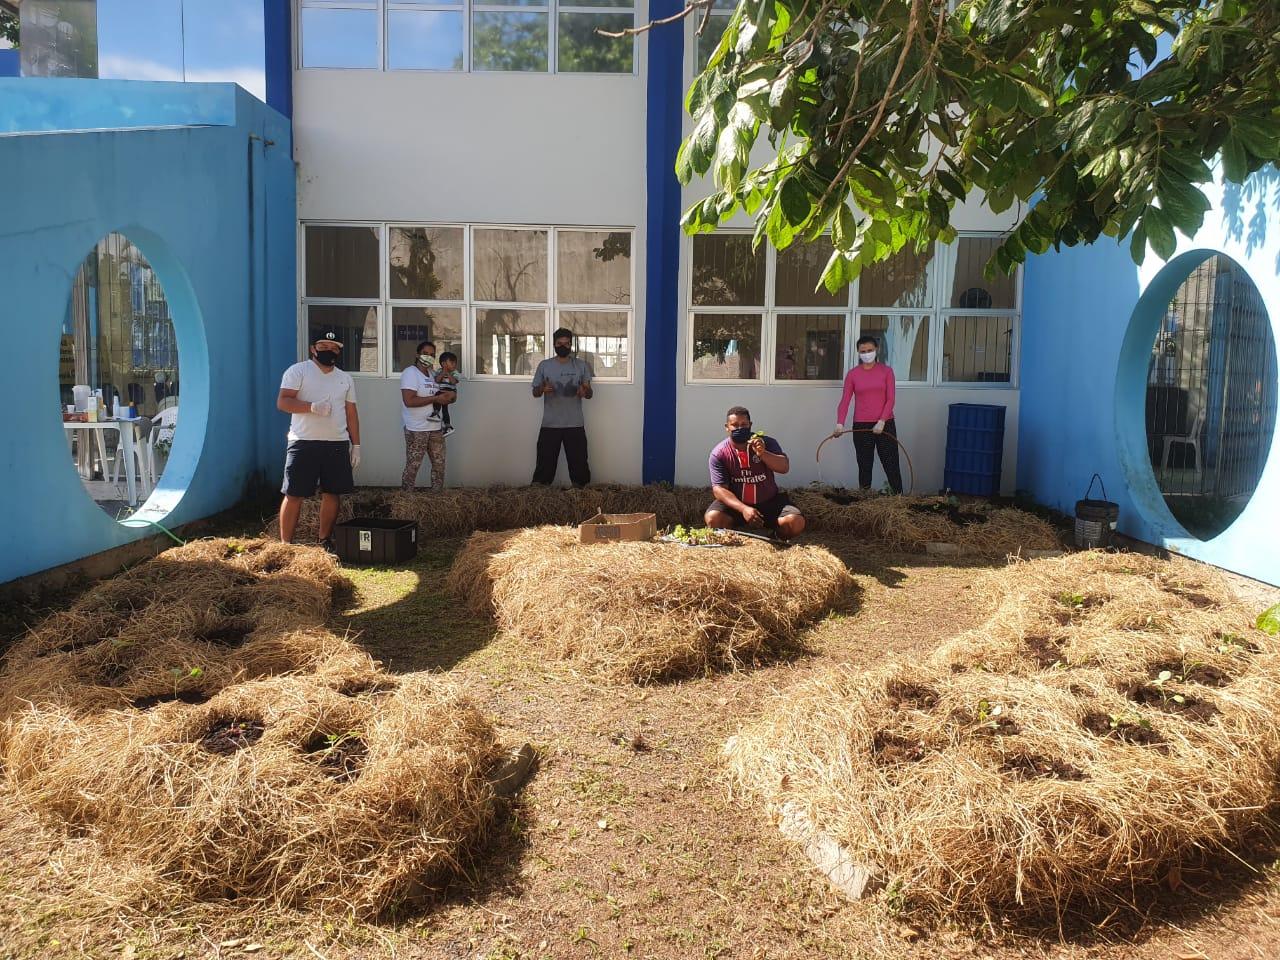 Cras de Florianópolis mantém horta comunitária desenvolvida em parceria com a Cepagro e Superintendência de Gestão de Resíduos da Secretaria Municipal do Meio Ambiente - Divulgação/PMF